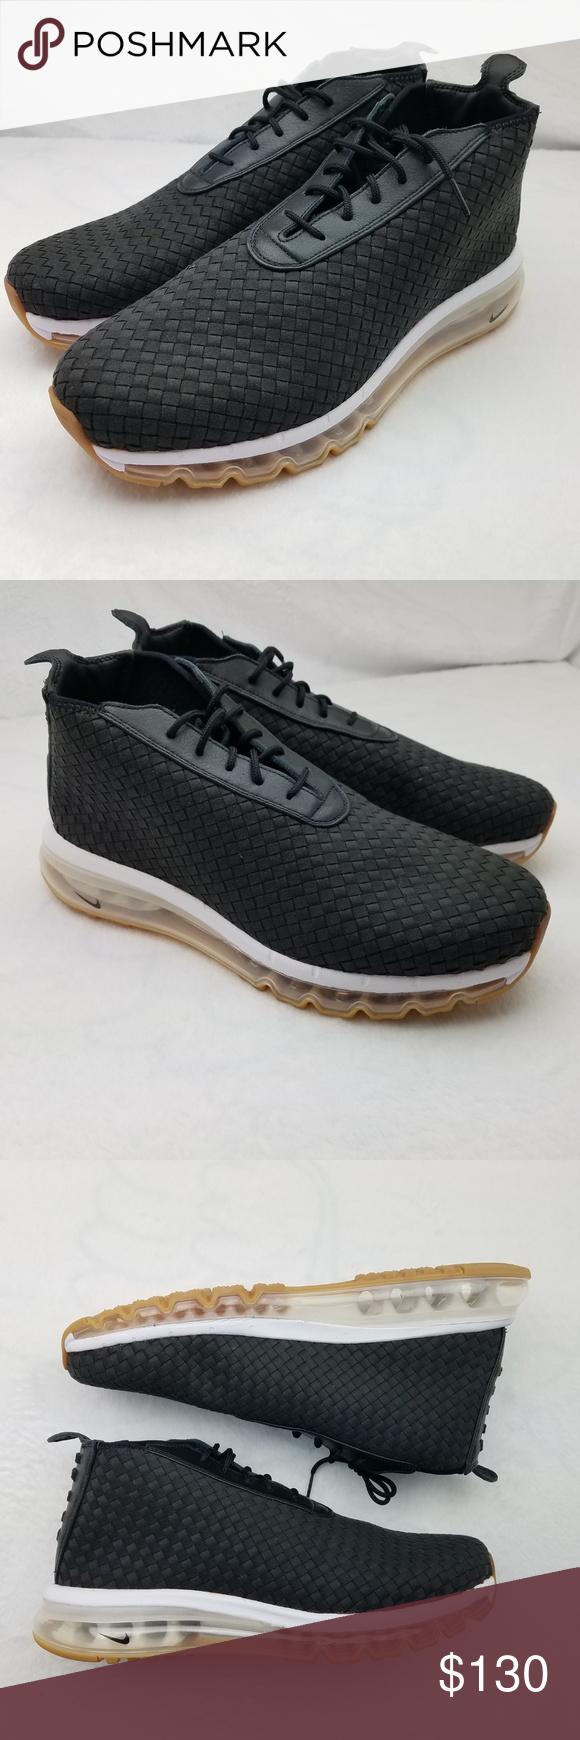 e477c39050b Nike Air Max Woven Boot Black 921854 Black Gum Mens Nike Air Max Woven Boot.